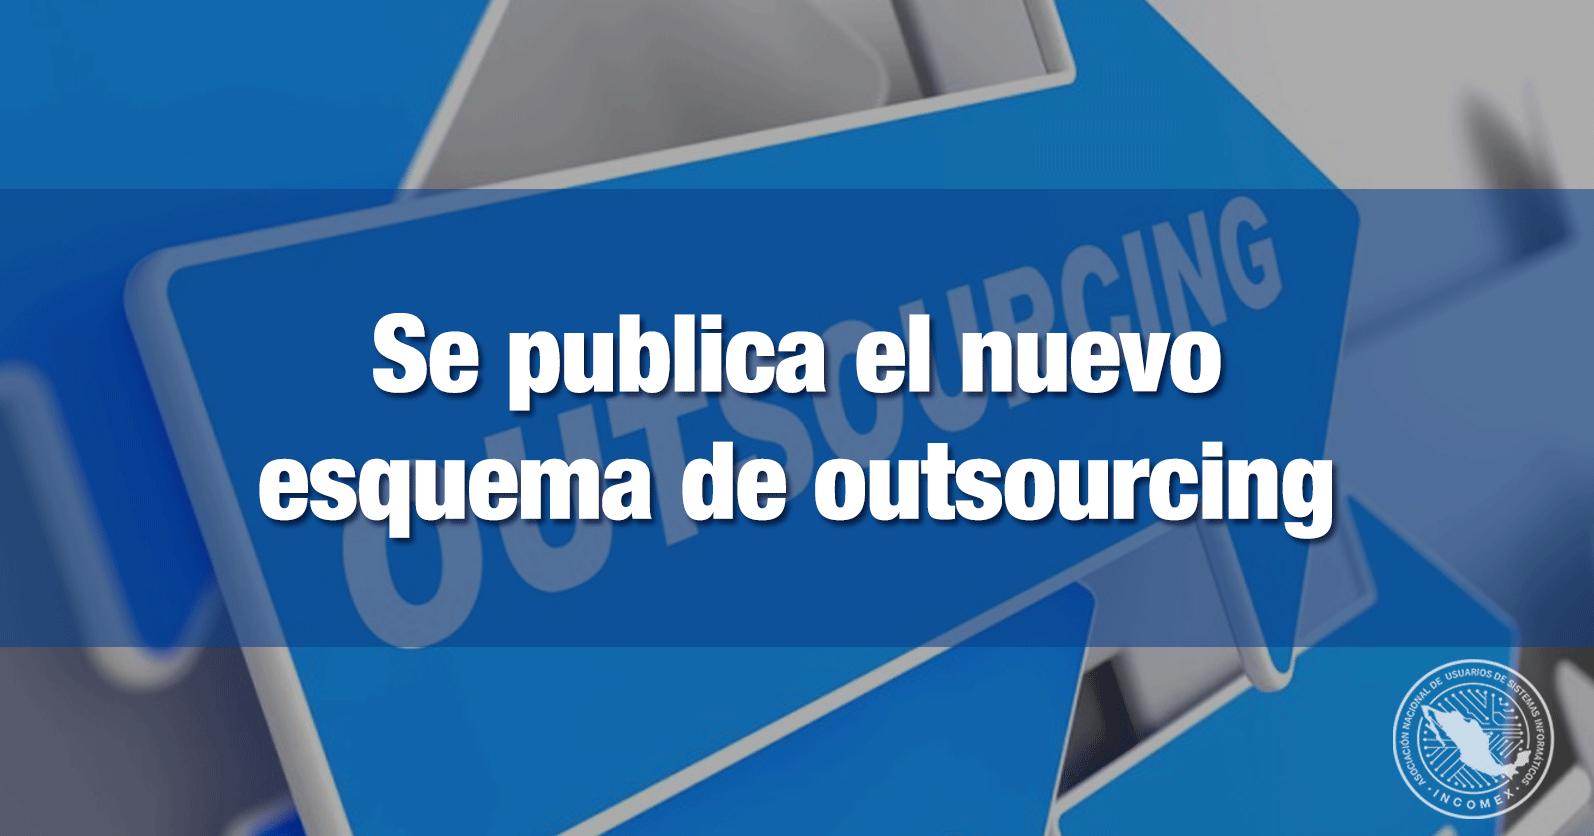 Se publica el nuevo esquema de outsourcing